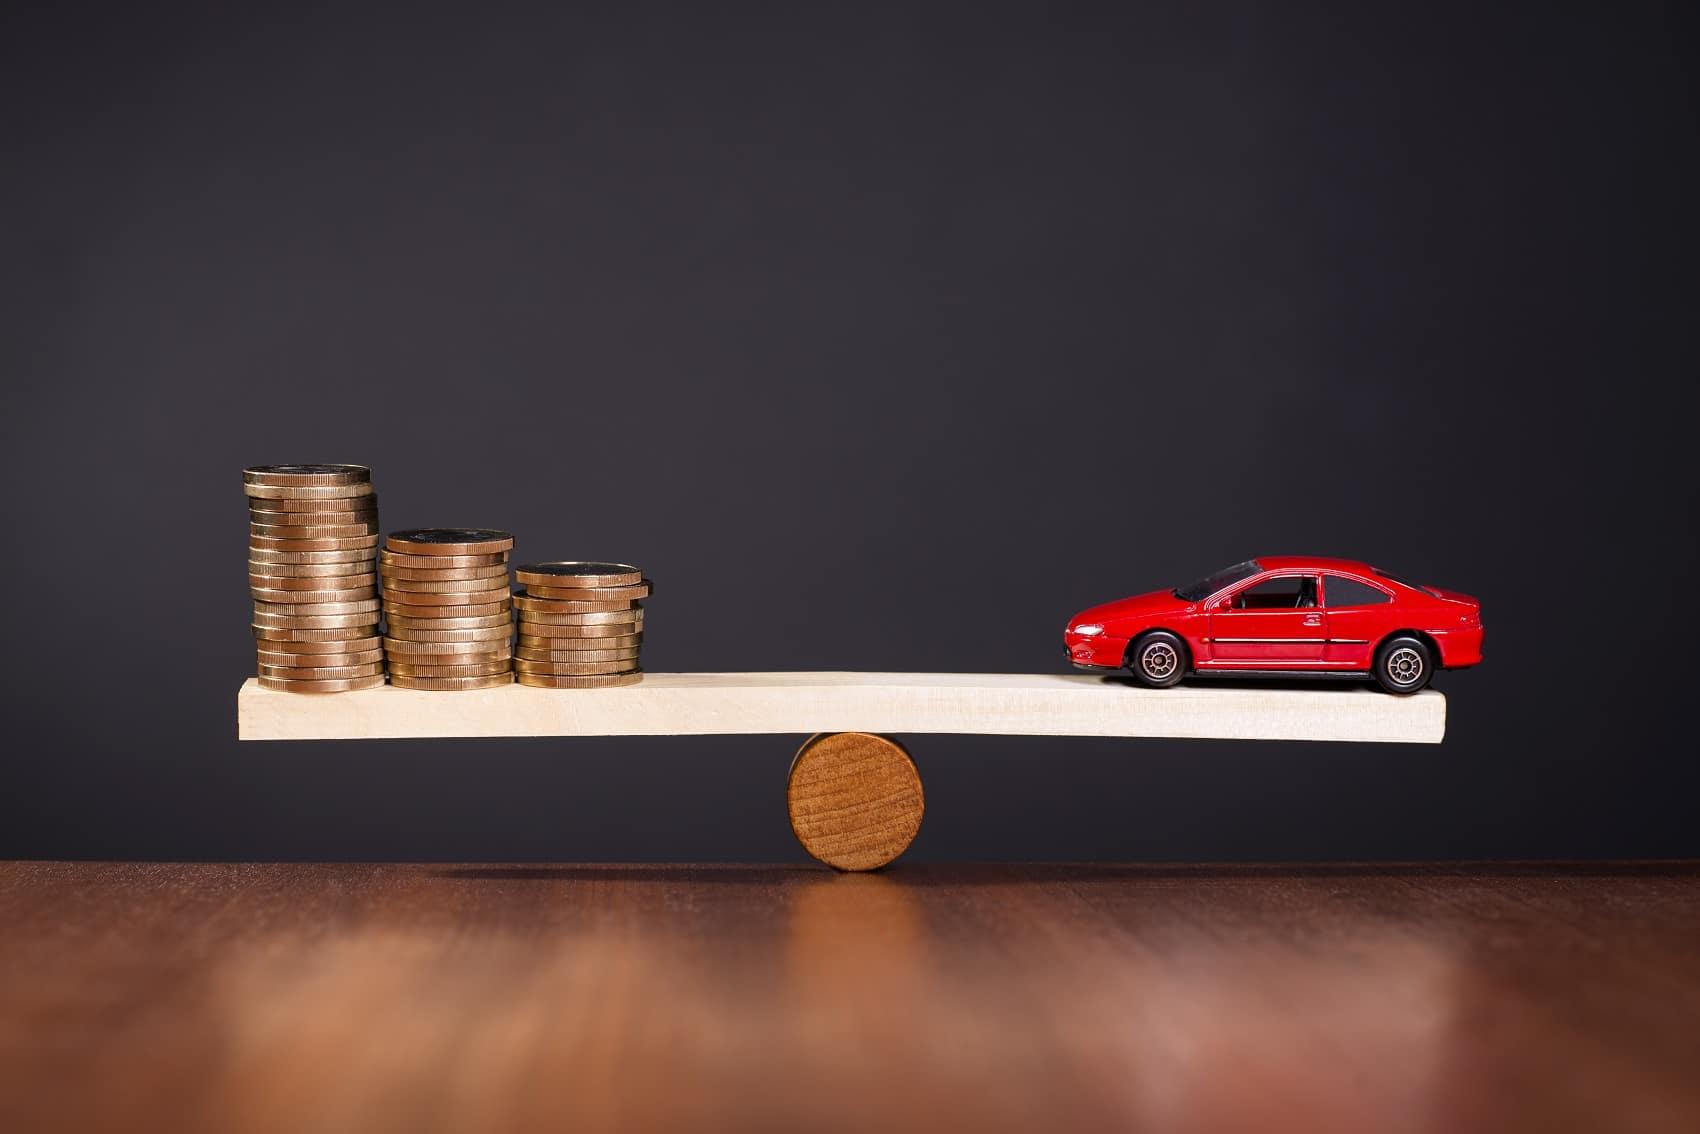 Money balancing out a car